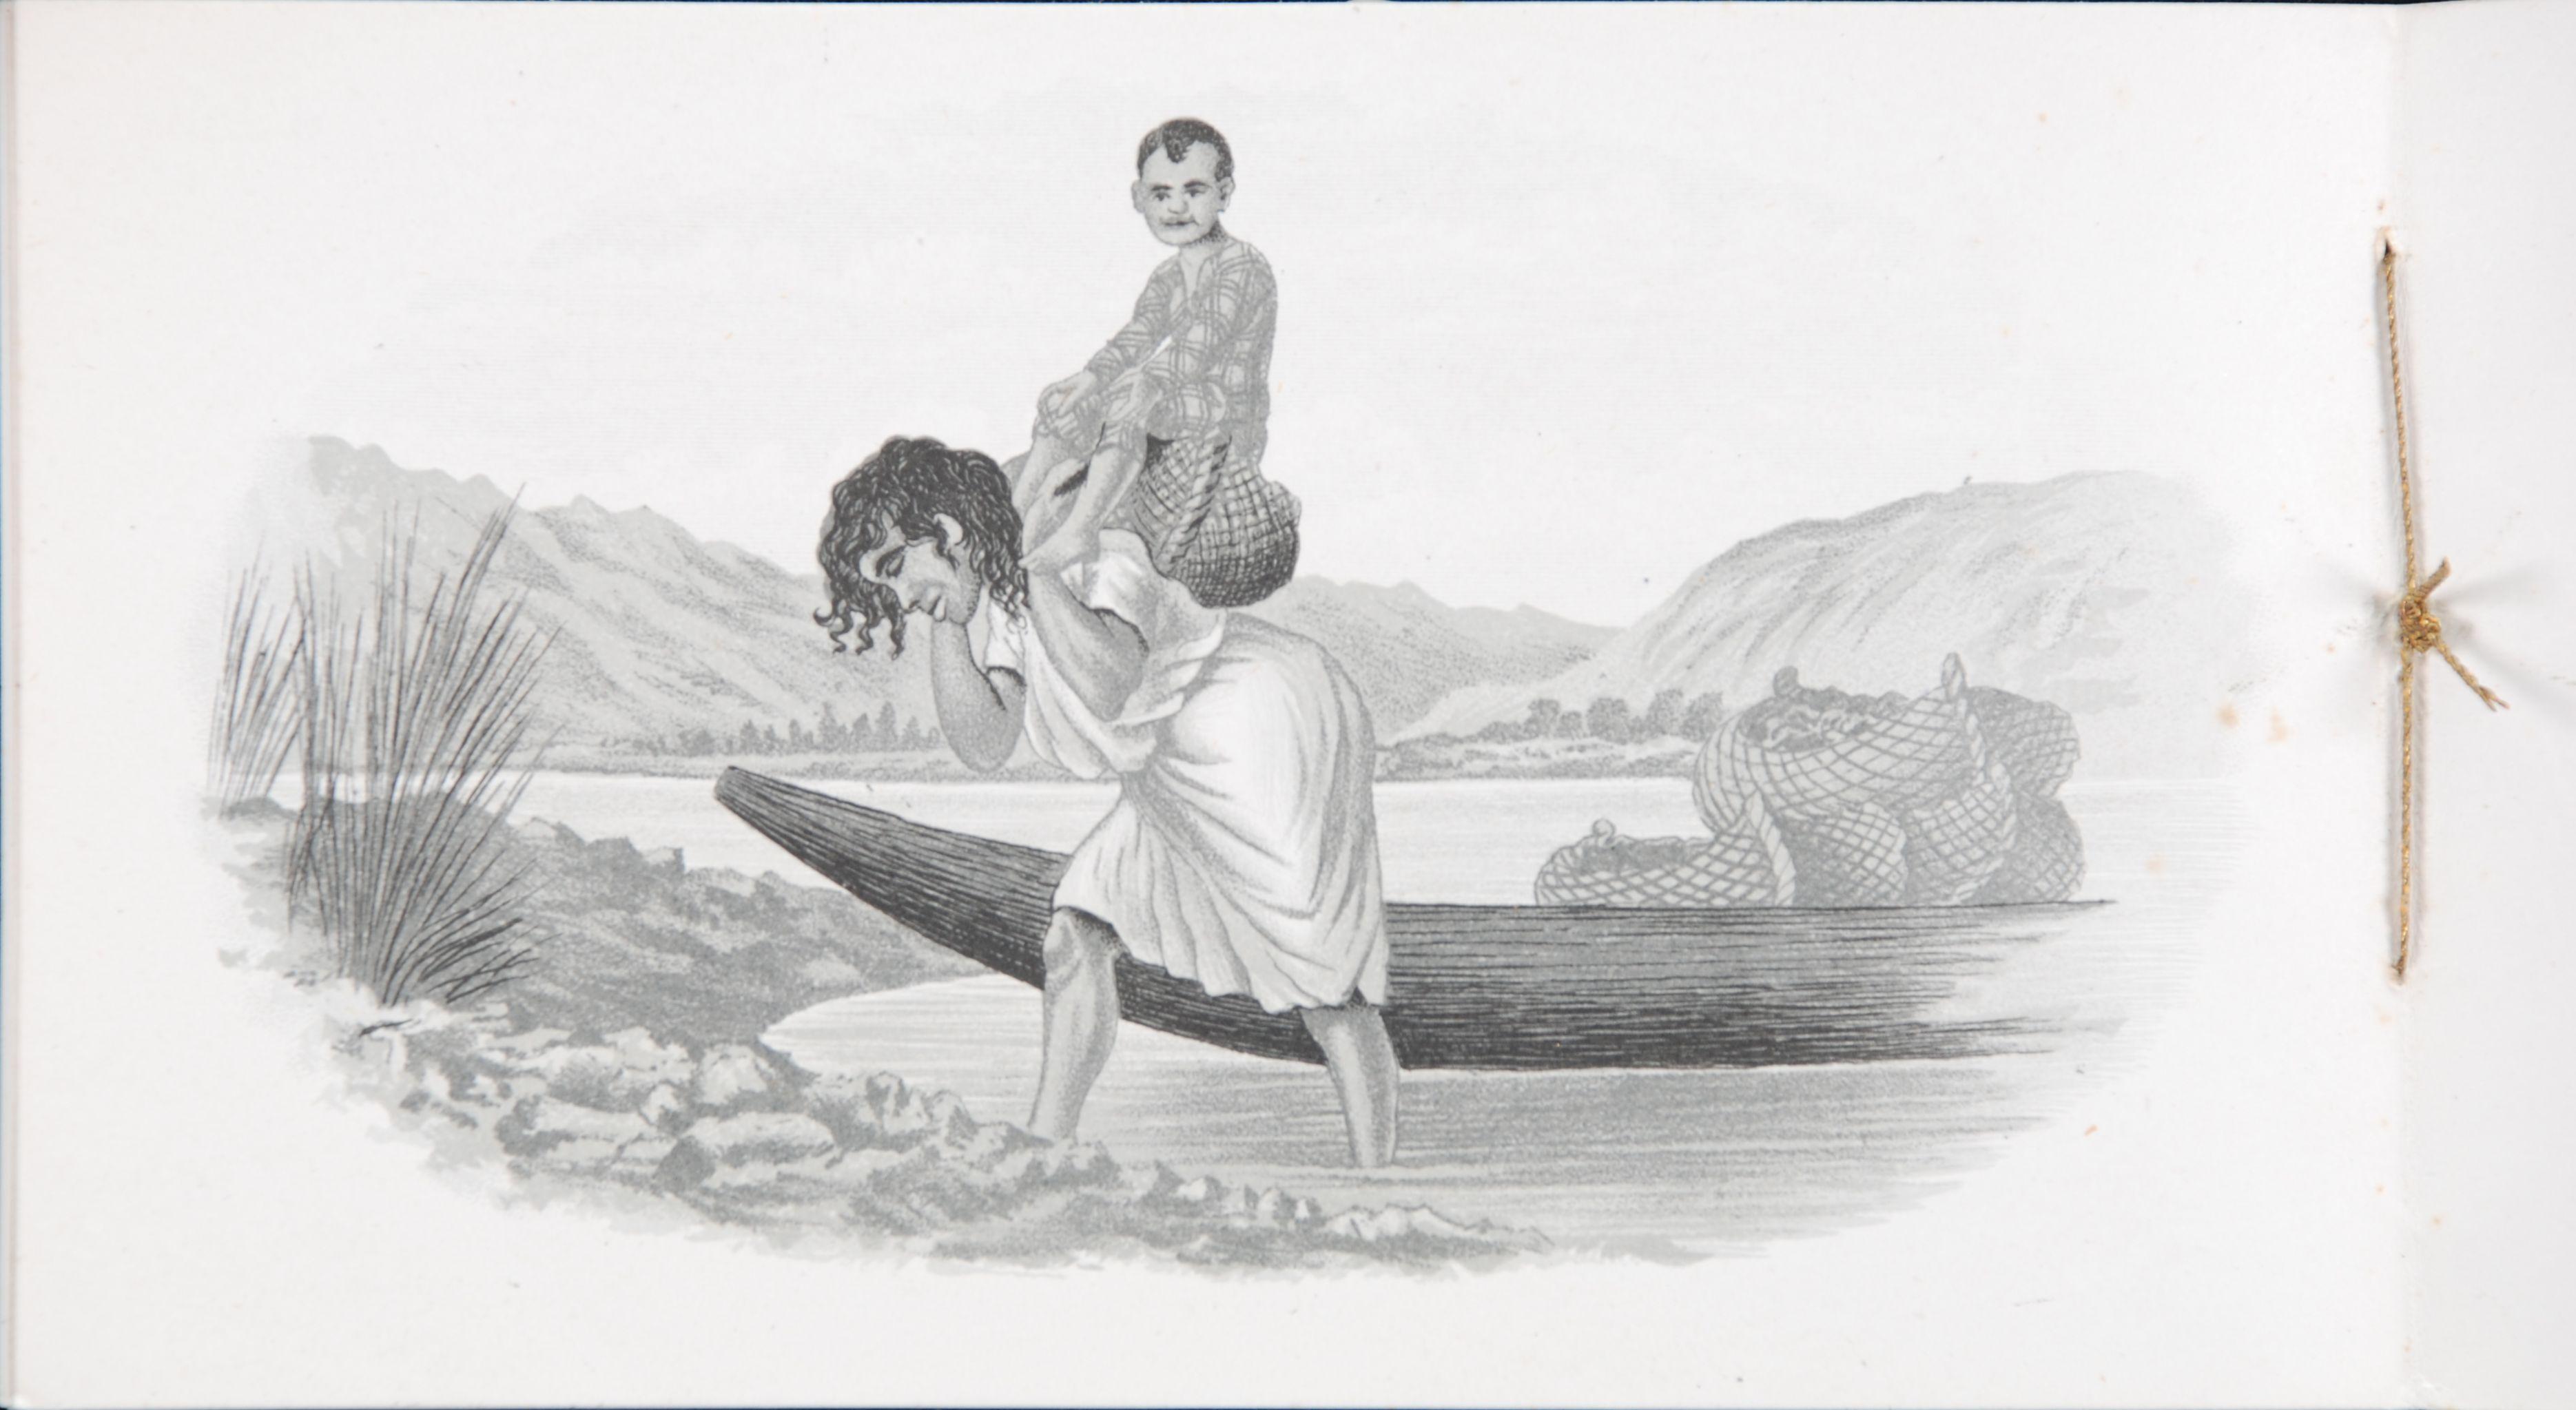 James Duigan. Tiki's trip to town. Wanganui, N.Z.: A.D. Willis, [1893].